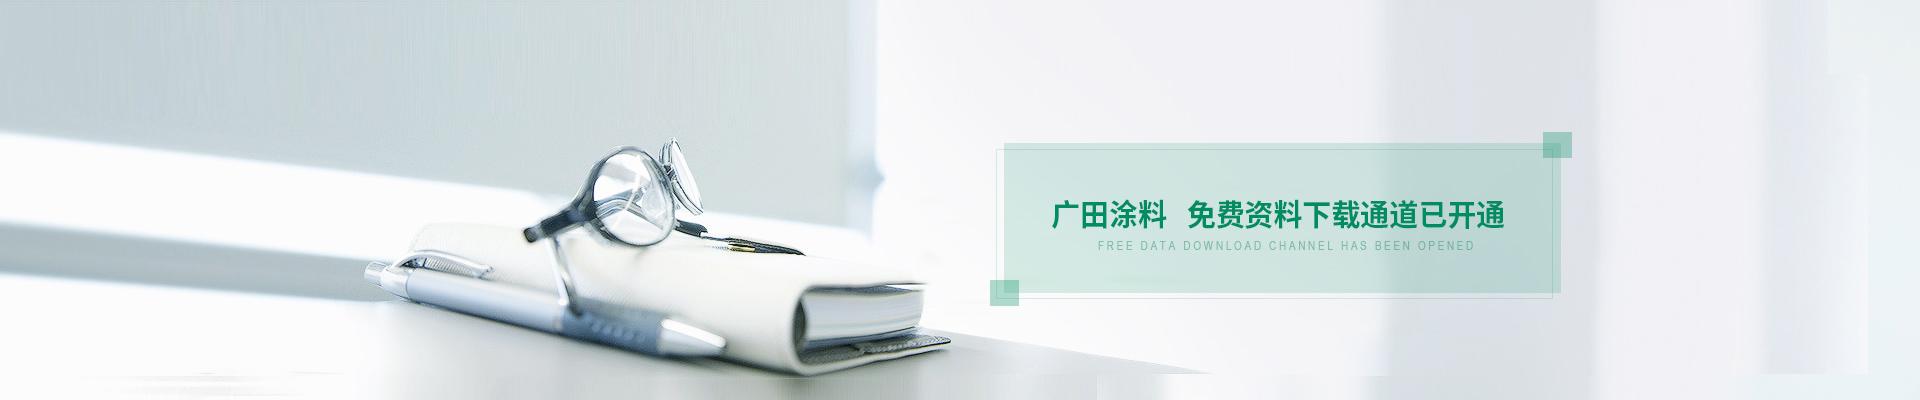 广田涂料-资料下载